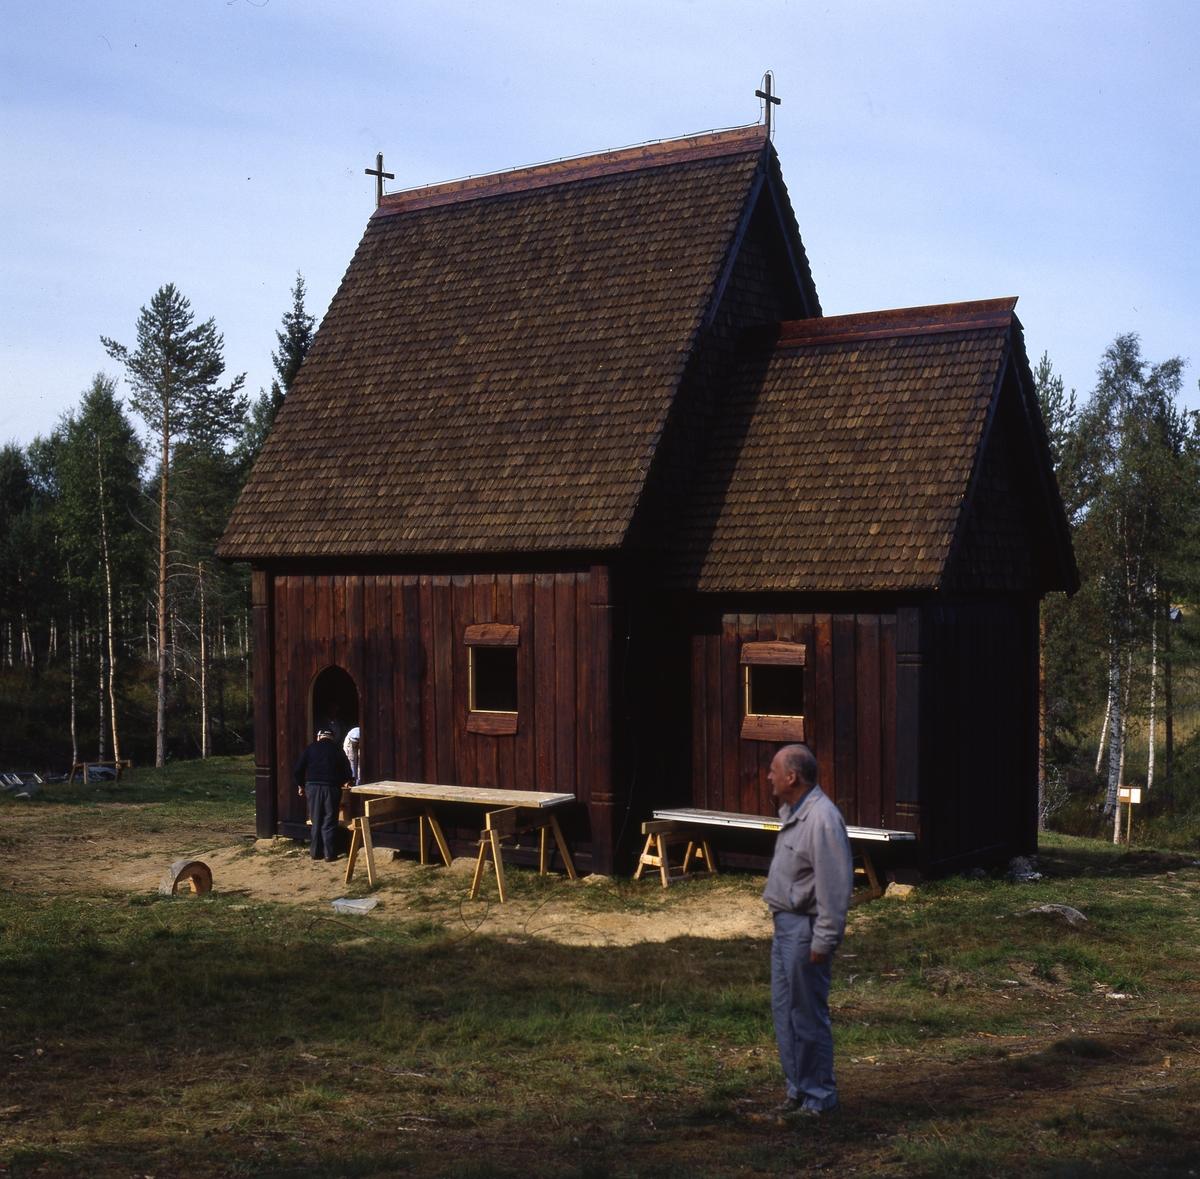 St: Olofs Offerkyrka i Kårböle uppförd år 1989, längs pilgrimsvägen till Trondheim i Norge.